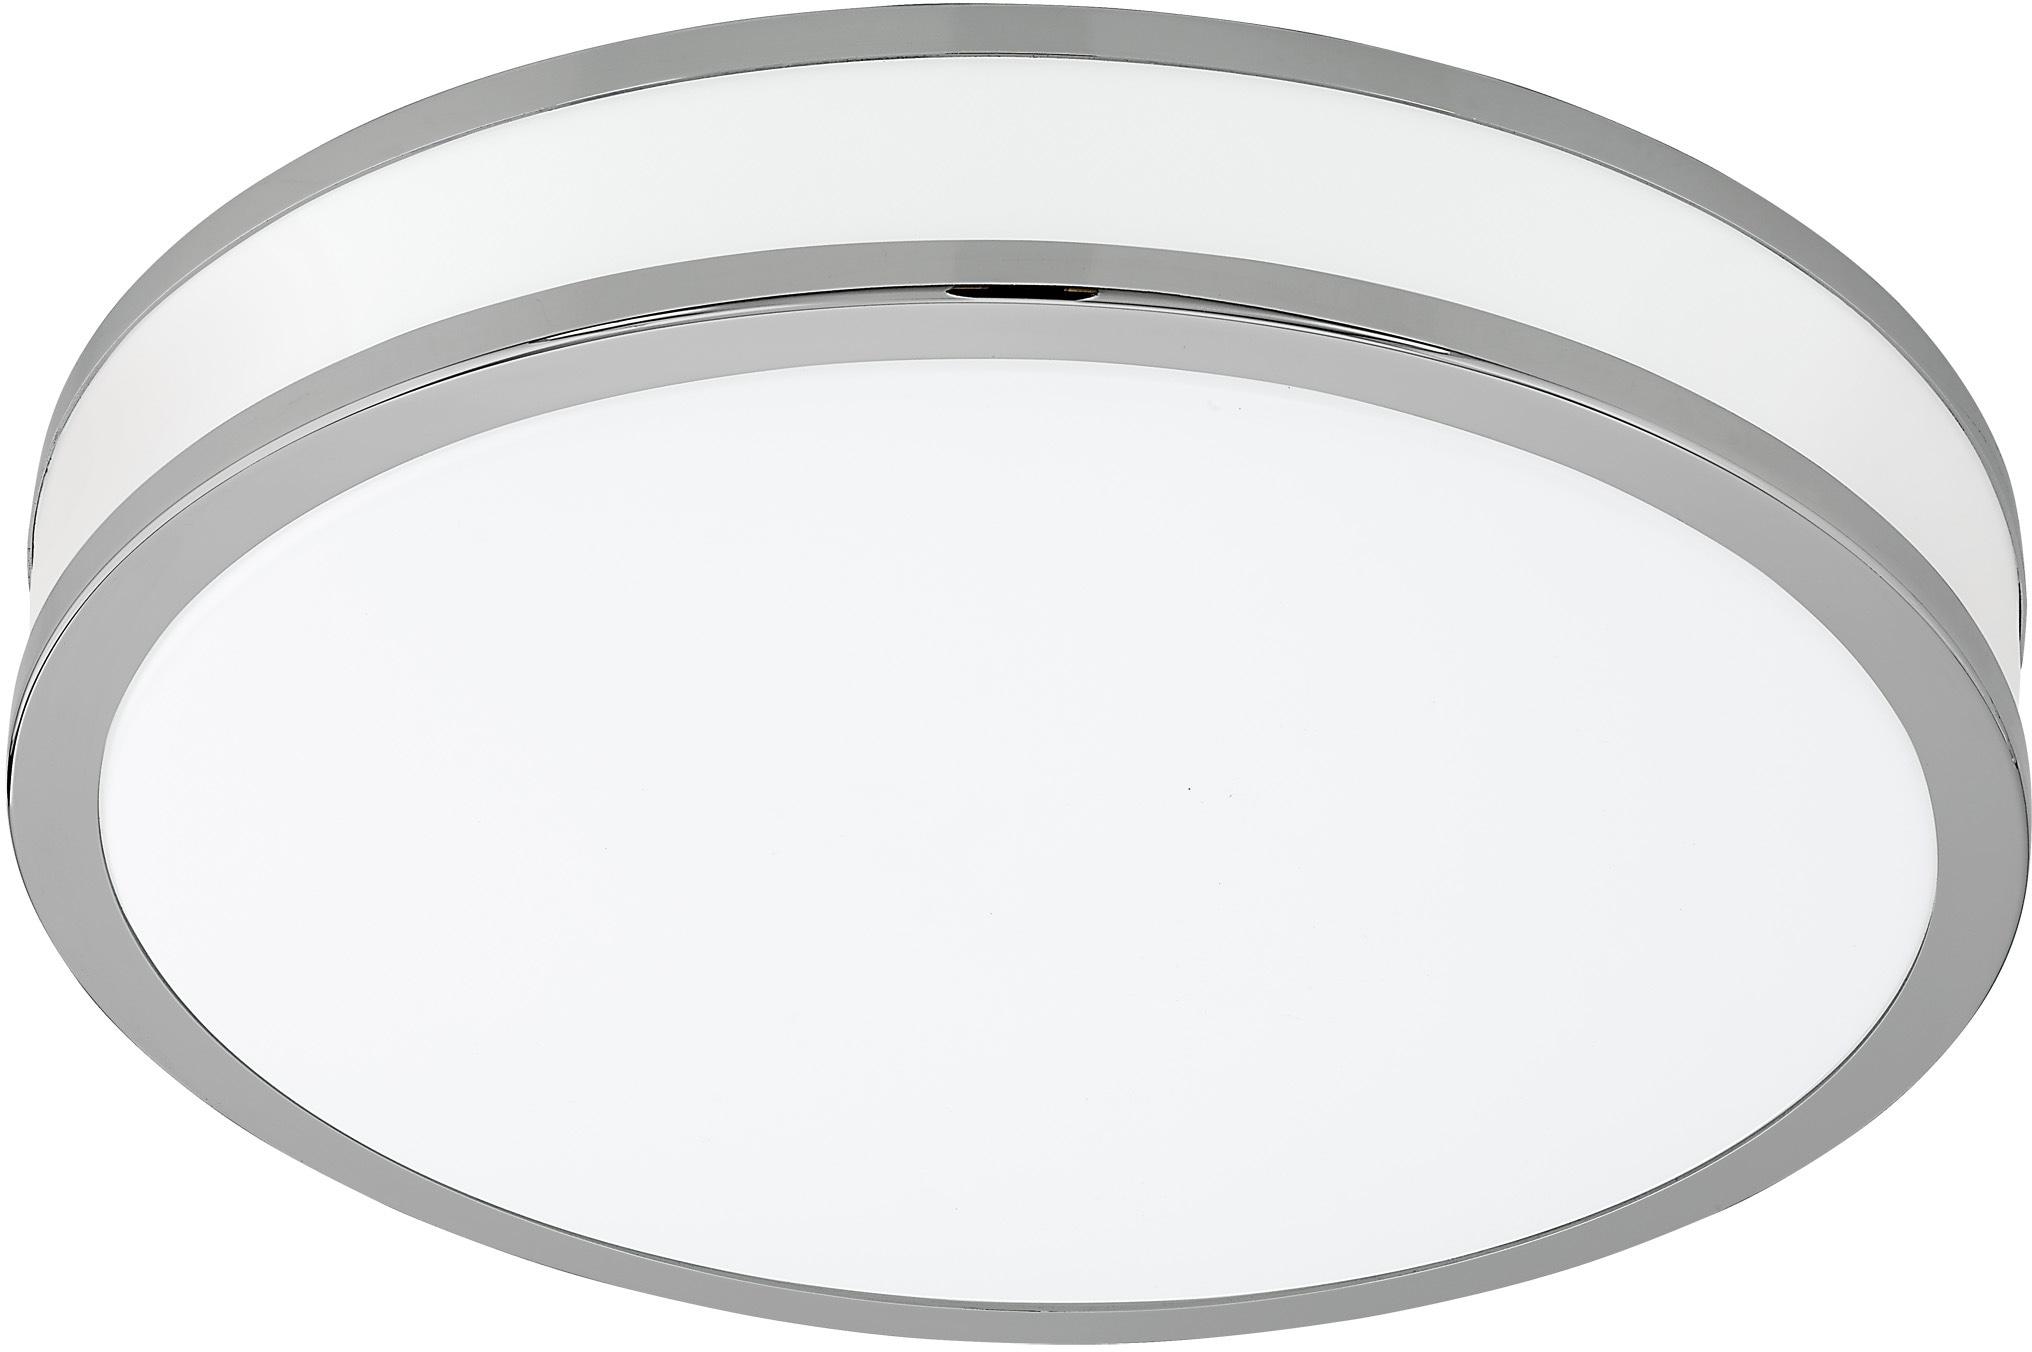 EGLO Deckenleuchte PALERMO 2, LED-Board, Warmweiß, Deckenlampe